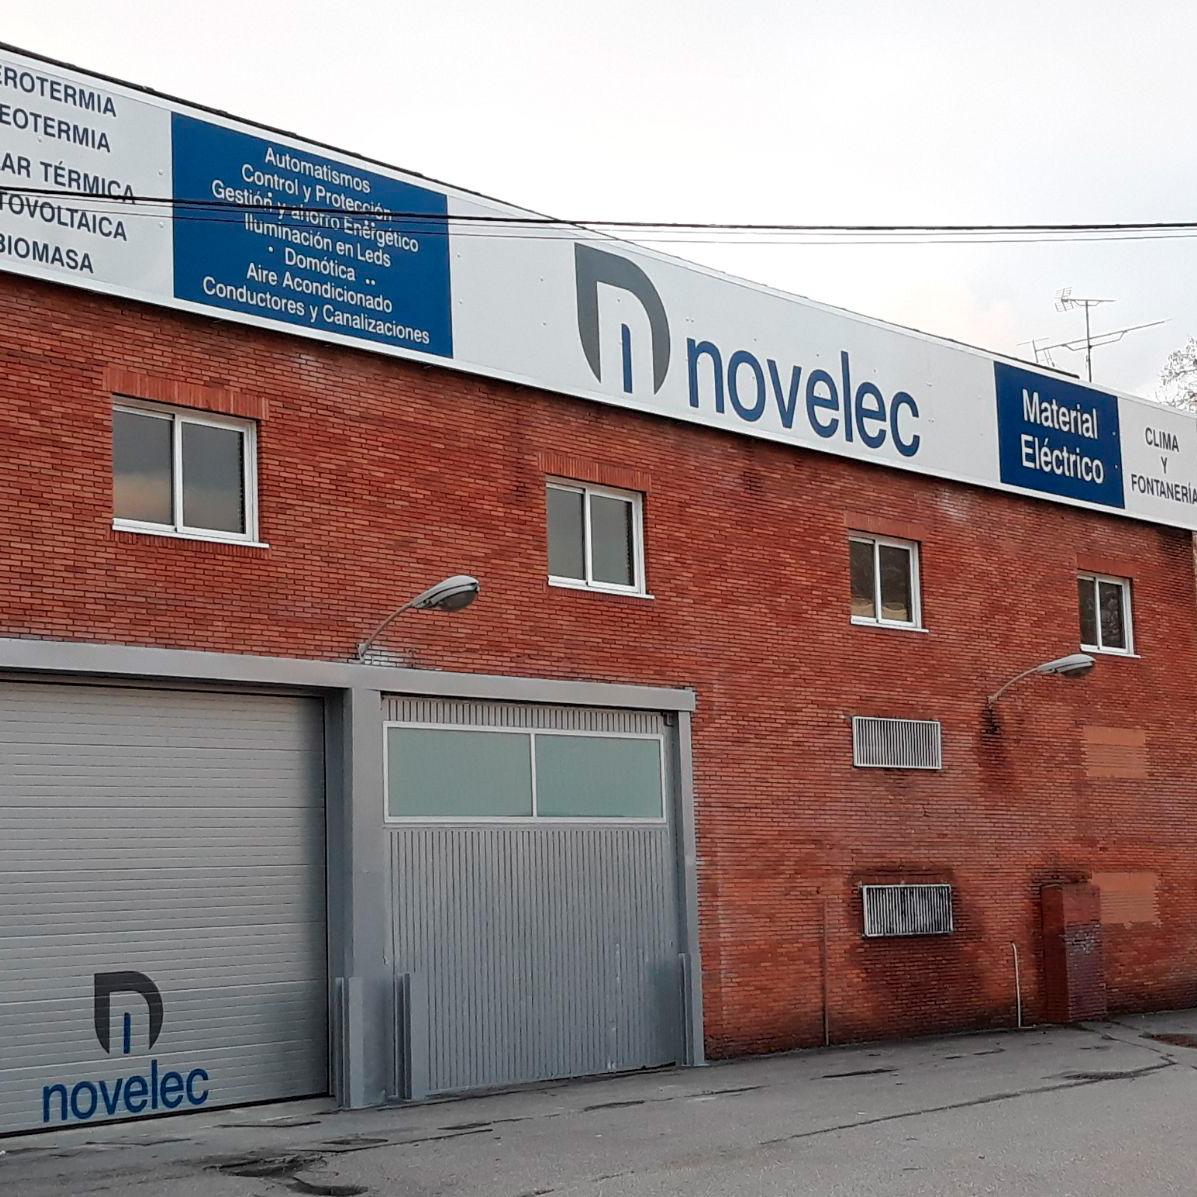 Nuevo punto de venta Novelec en Vigo